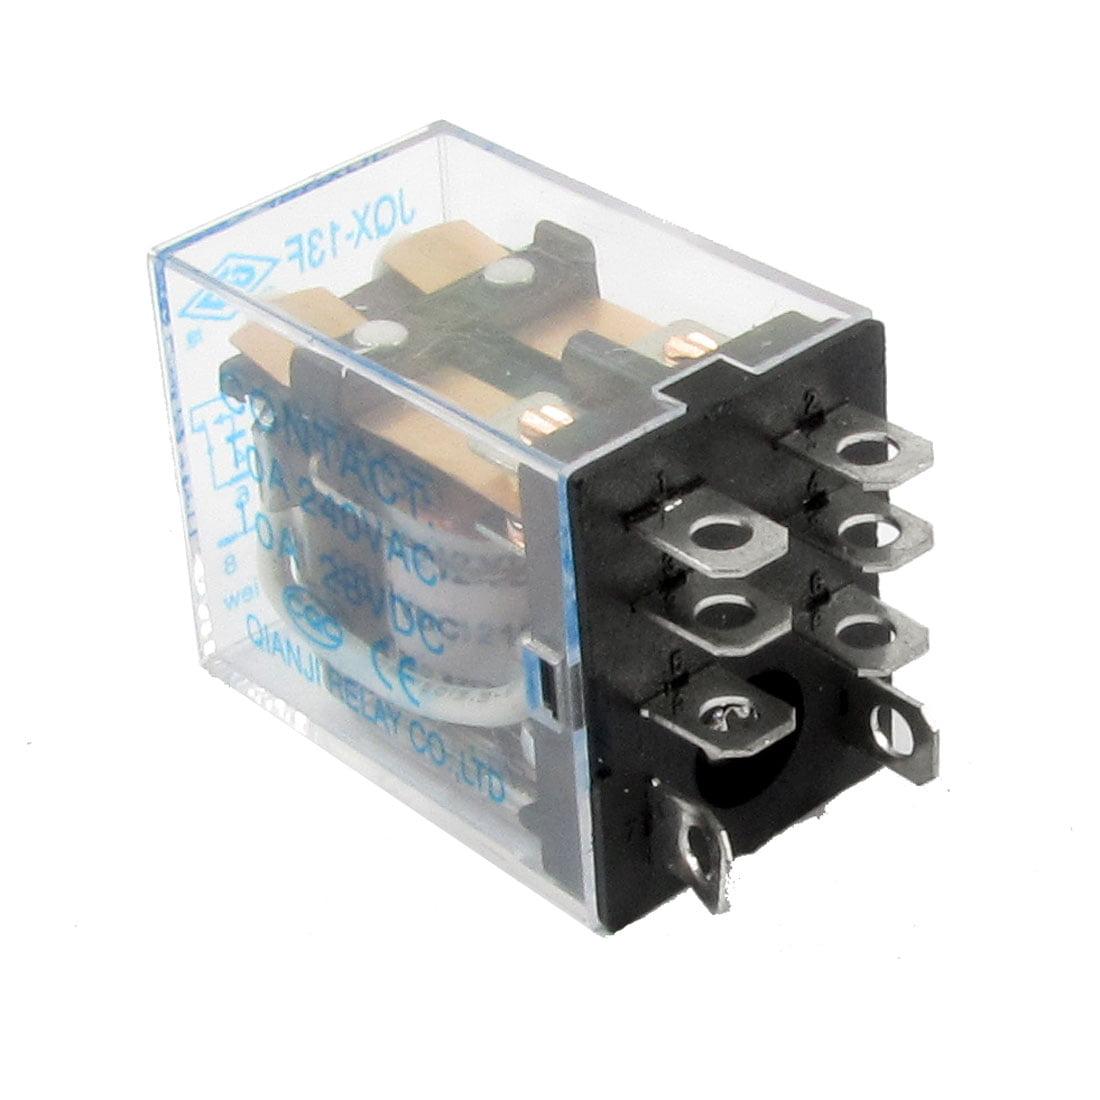 Unique Bargains Dpdt Type Ac240v Dc28v 10a Contact Dc12v Coil Power Relay Description Jqx 13f2z